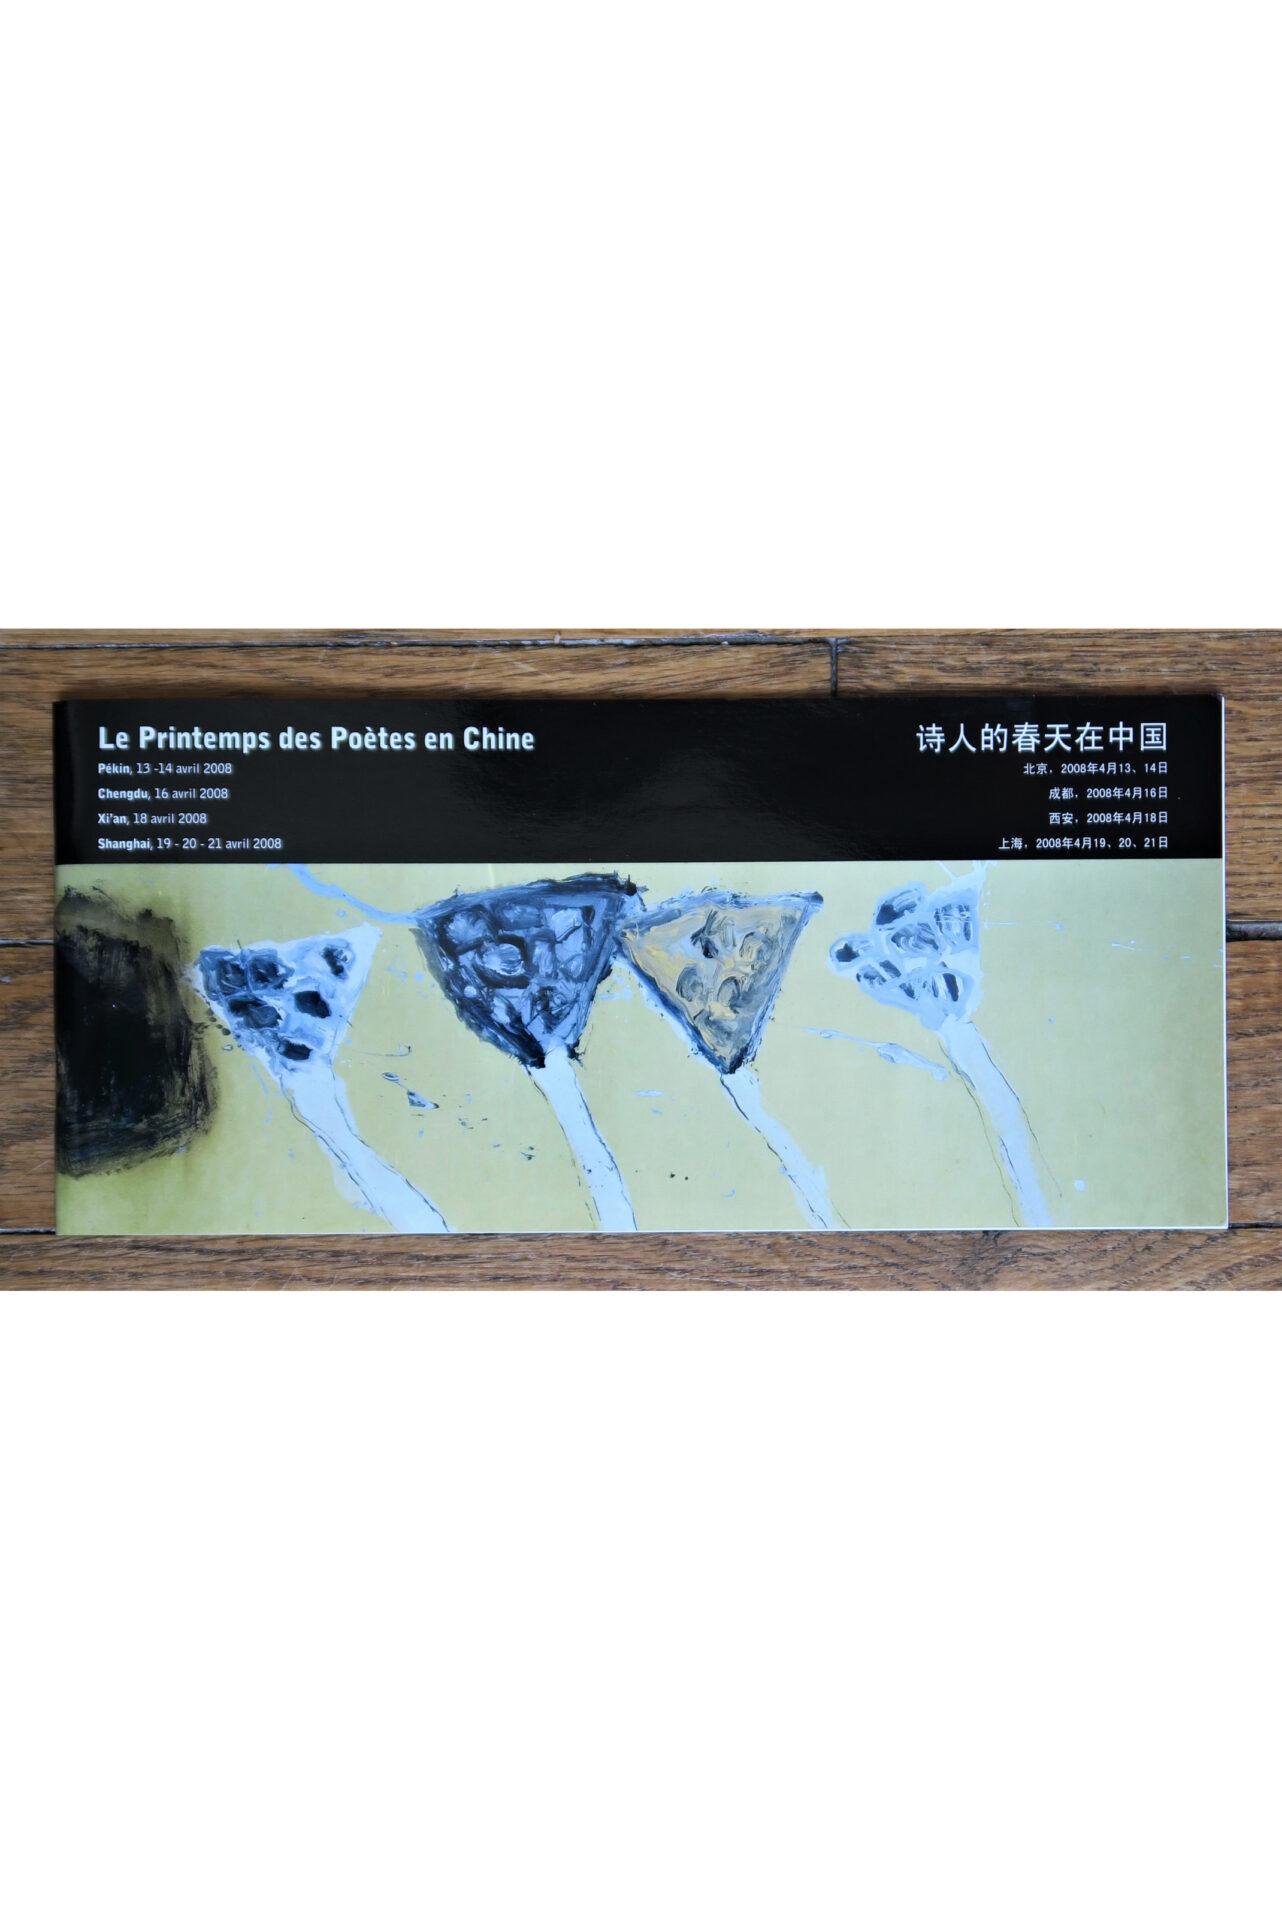 2008 - Le Printemps des poètes à Pékin - 1